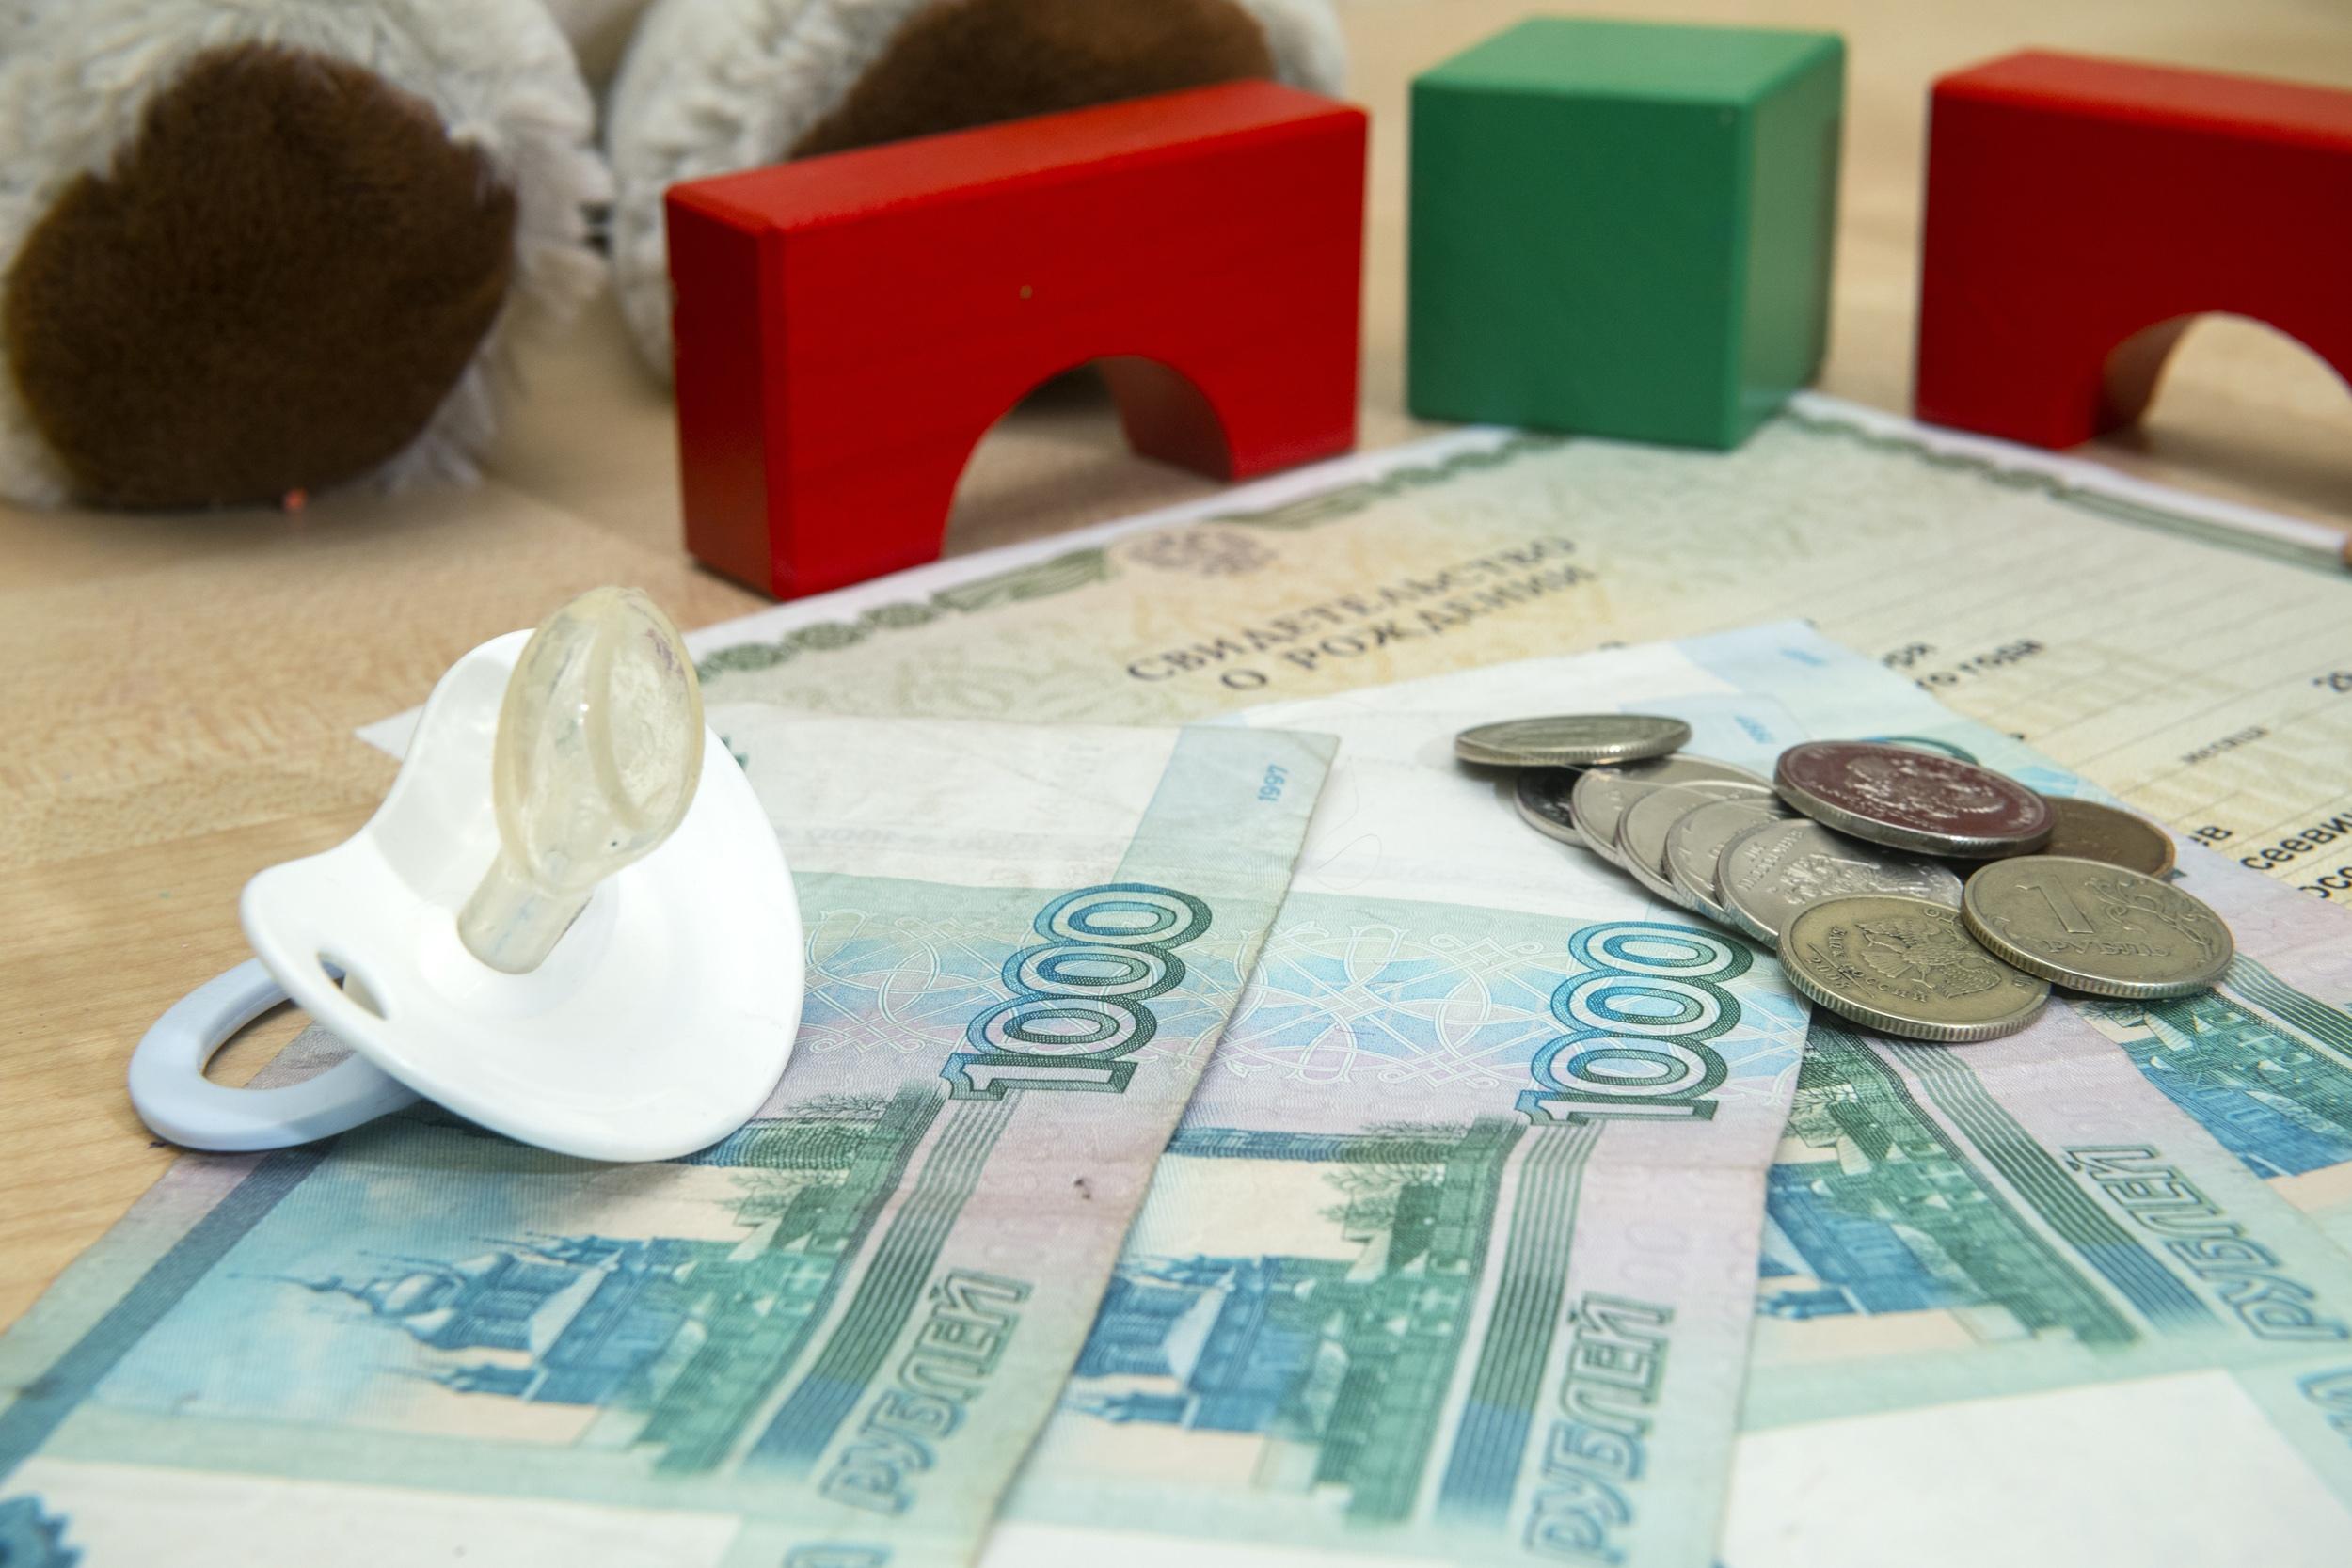 Новые выплаты на детей в 2021 году и последние новости от Путина